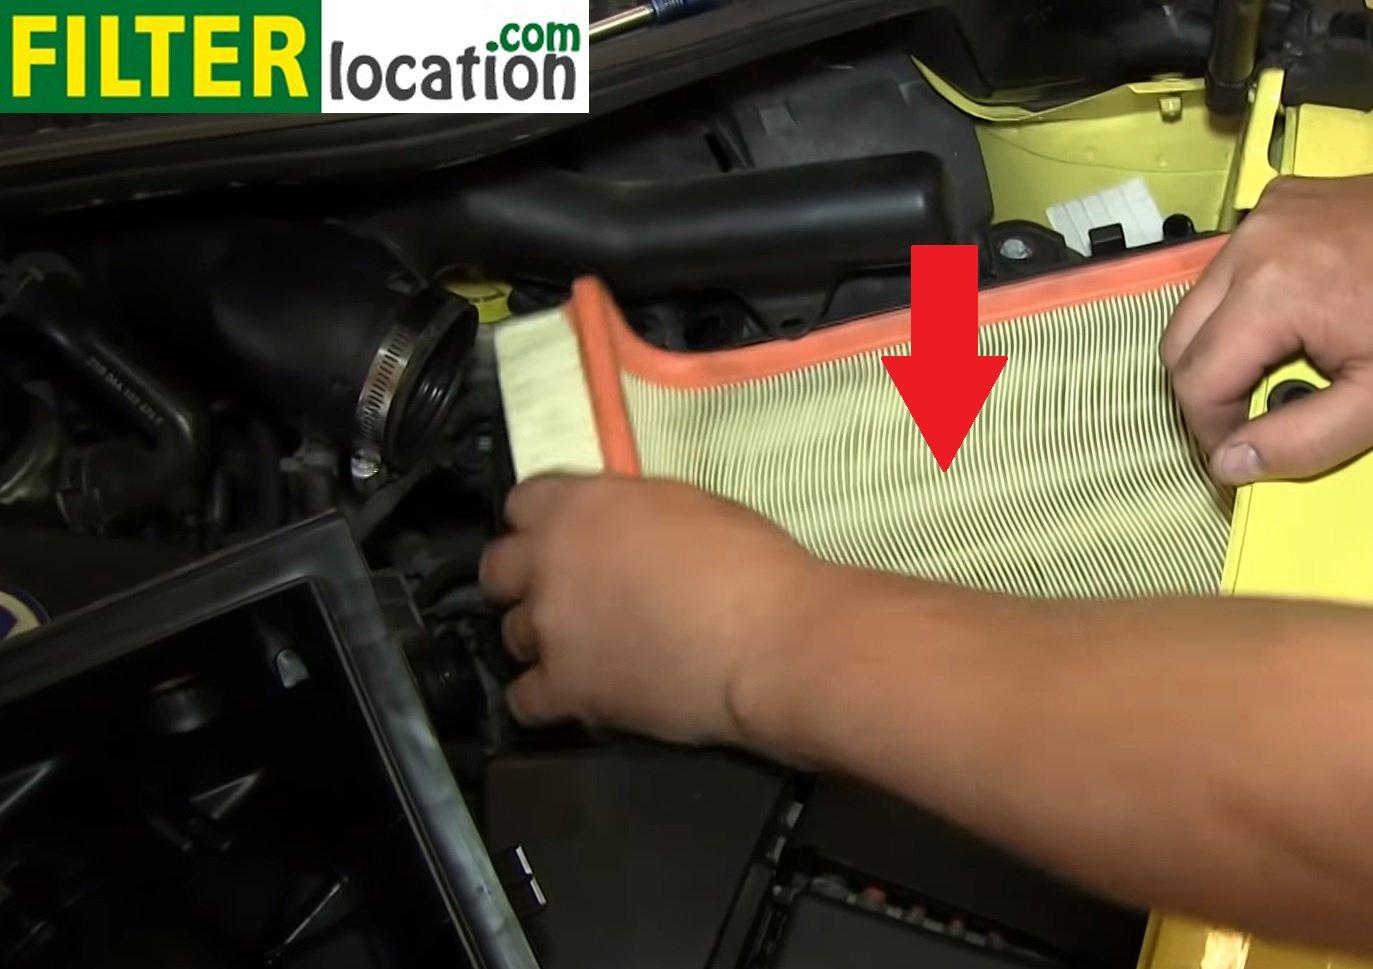 2004 Vw Beetle Fuel Filter - 1957 Thunderbird Power Seat Wiring Diagram -  fusebox.tukune.jeanjaures37.fr   1998 Beetle Fuel Filter Location      Wiring Diagram Resource